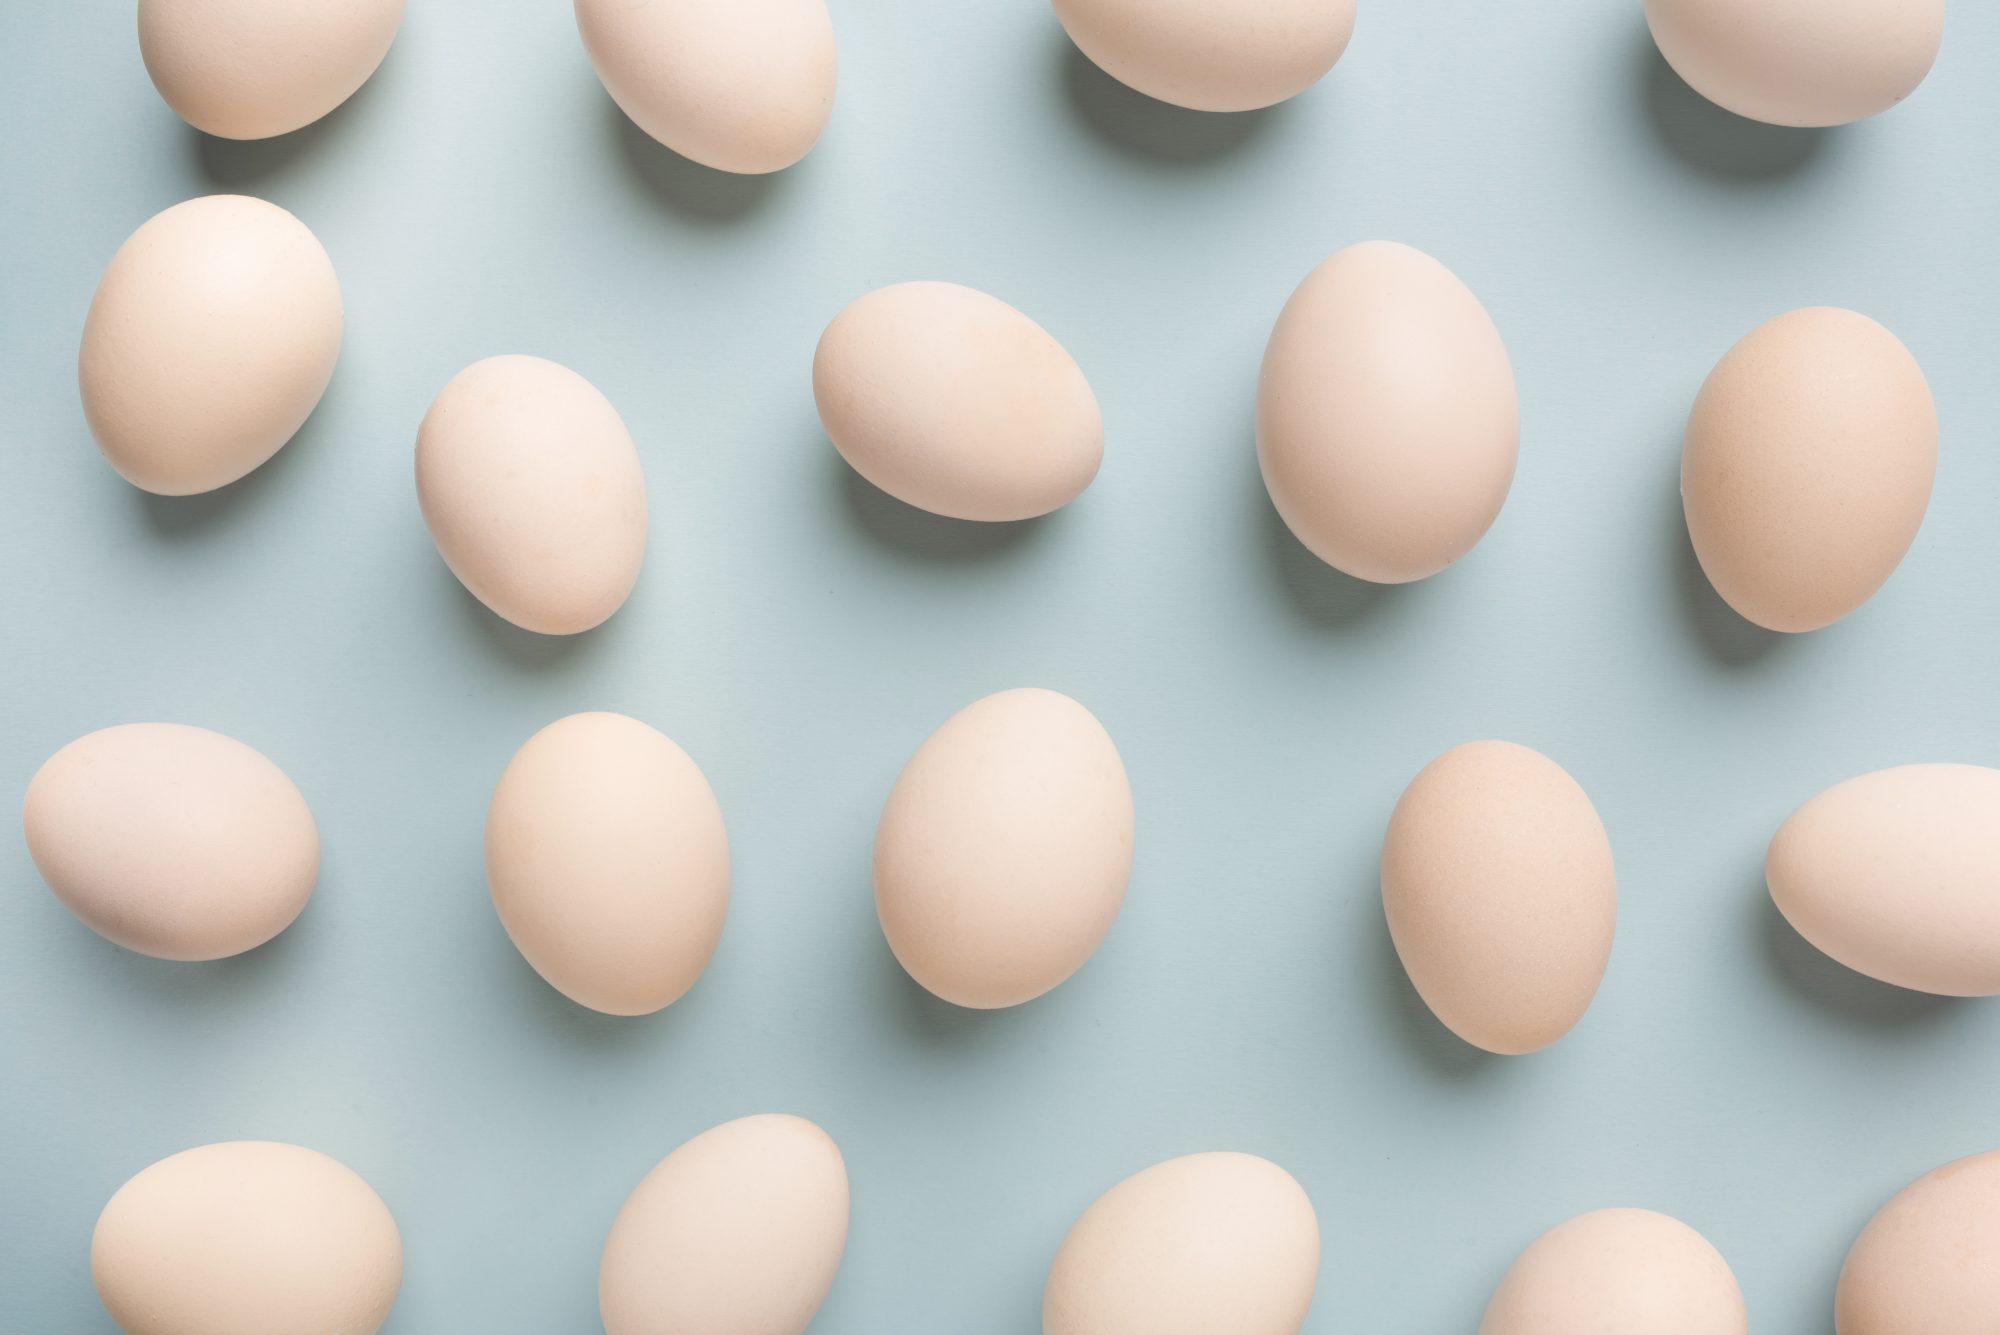 Egg pattern Getty 7/13/20